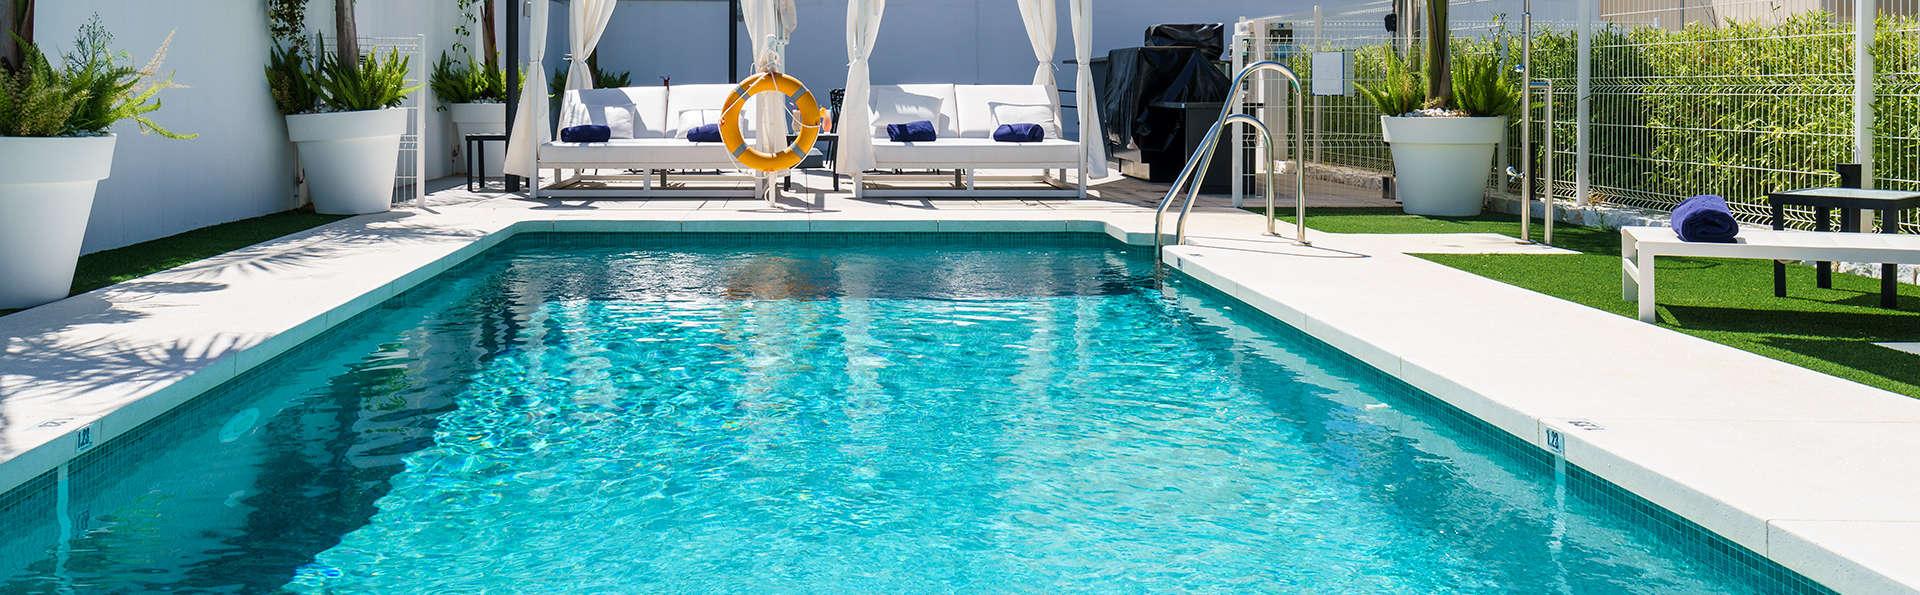 Costa del Sol Torremolinos Sustainable Boutique Hotel - EDIT_NEW_POOL2.jpg